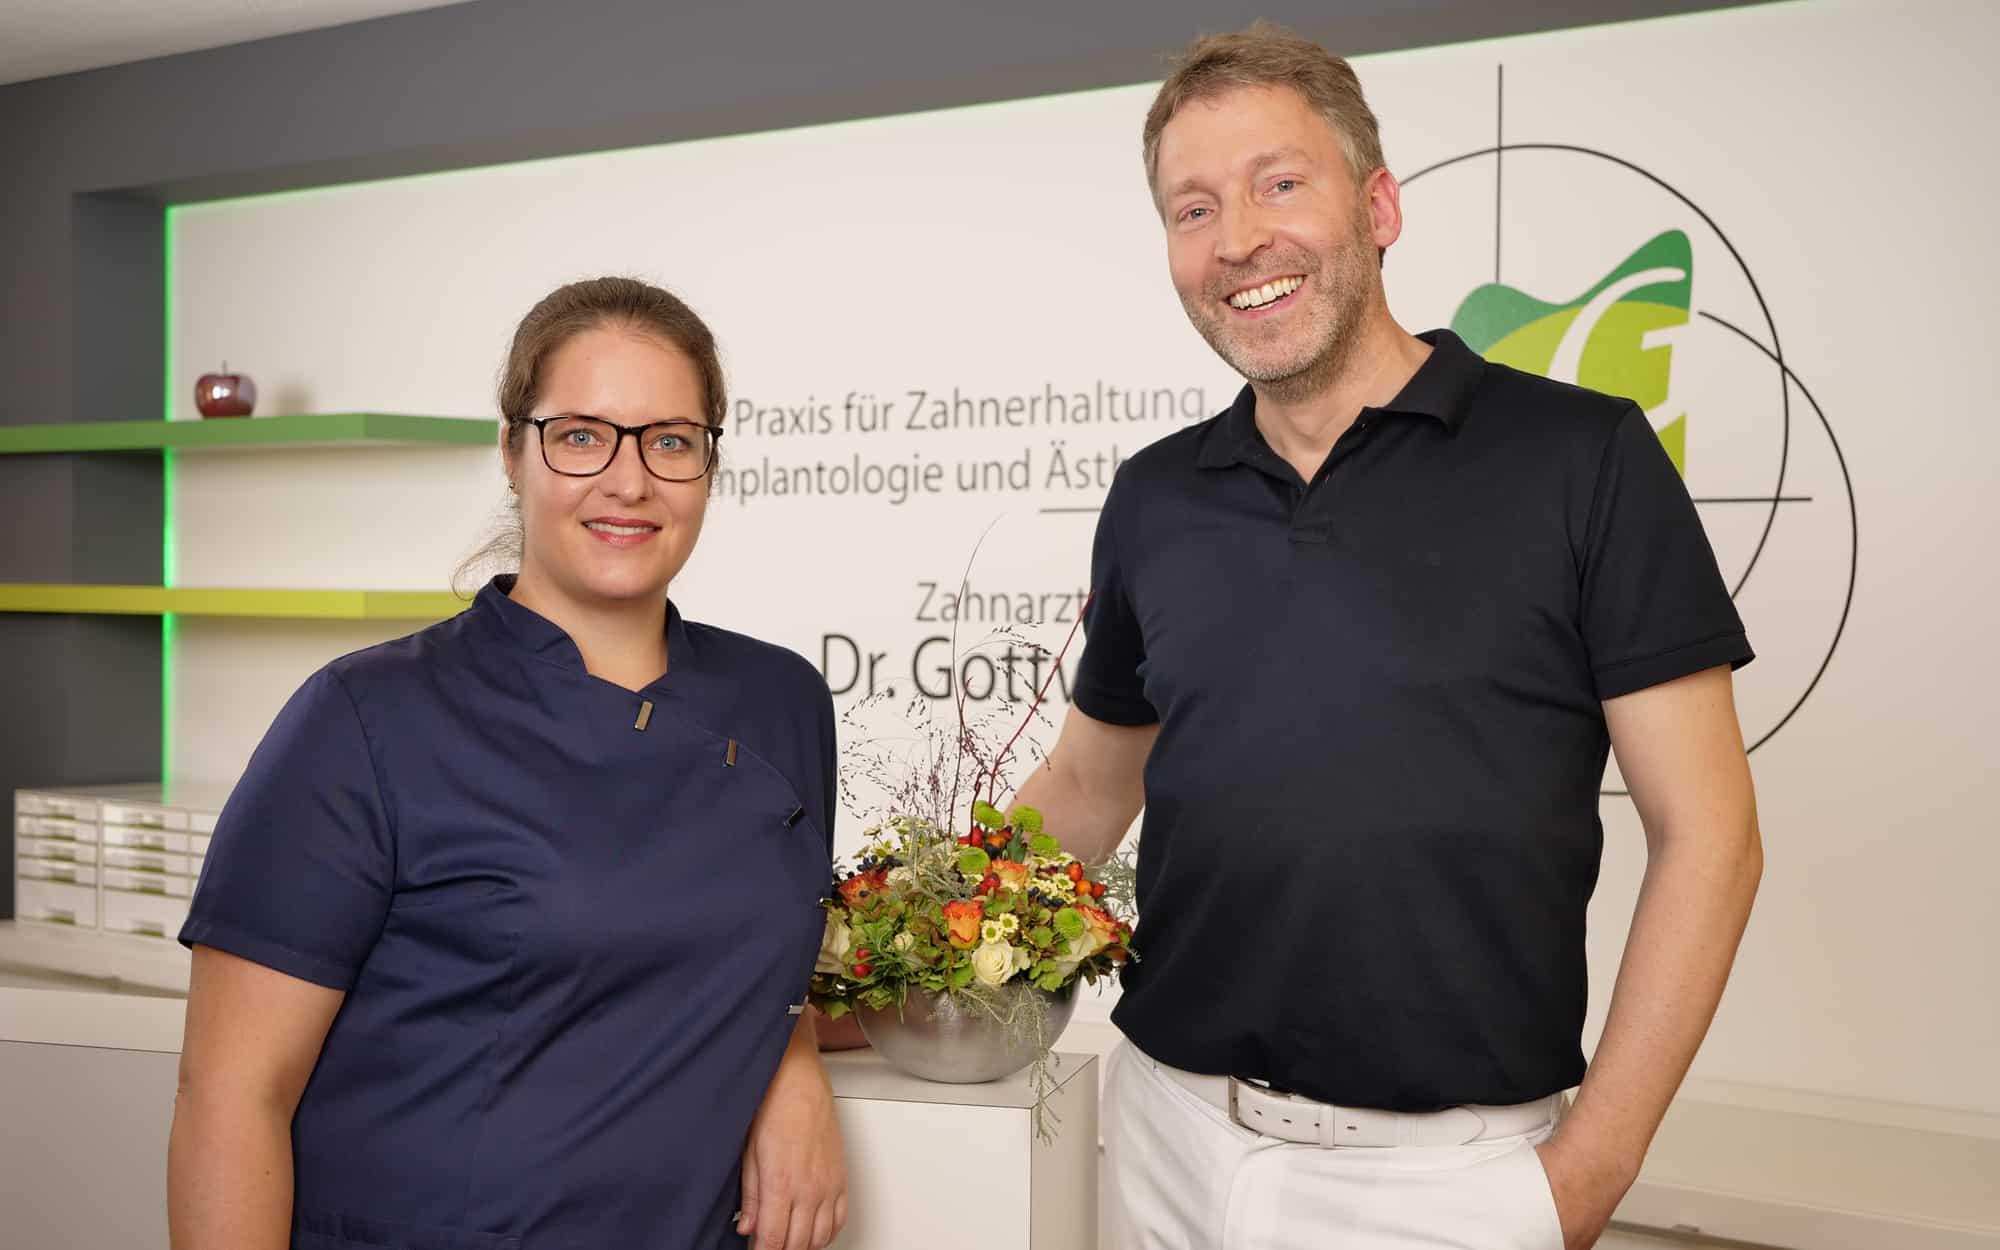 Katrin Scherer und Dr. Wolfgang Gottwald, Ärzteteam in der Zahnarztpraxis Dr. Wolfgang Gottwald in Koblenz am Hauptbahnhof